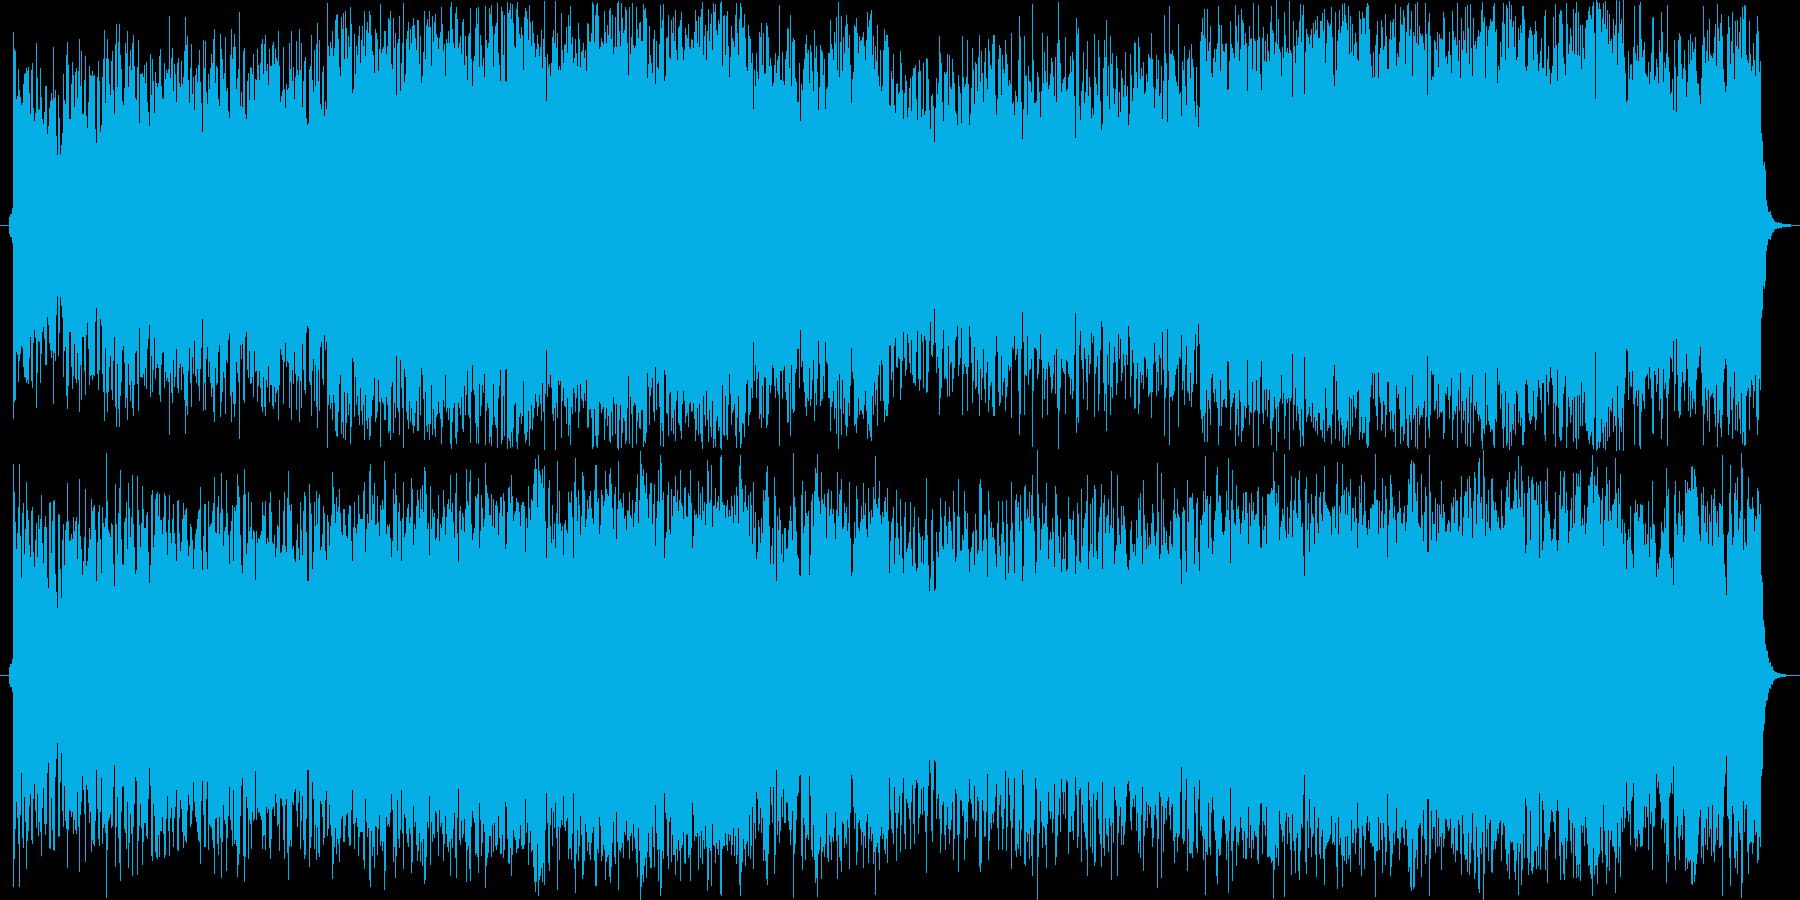 ロックで力強く哀愁のあるオーケストラ曲の再生済みの波形